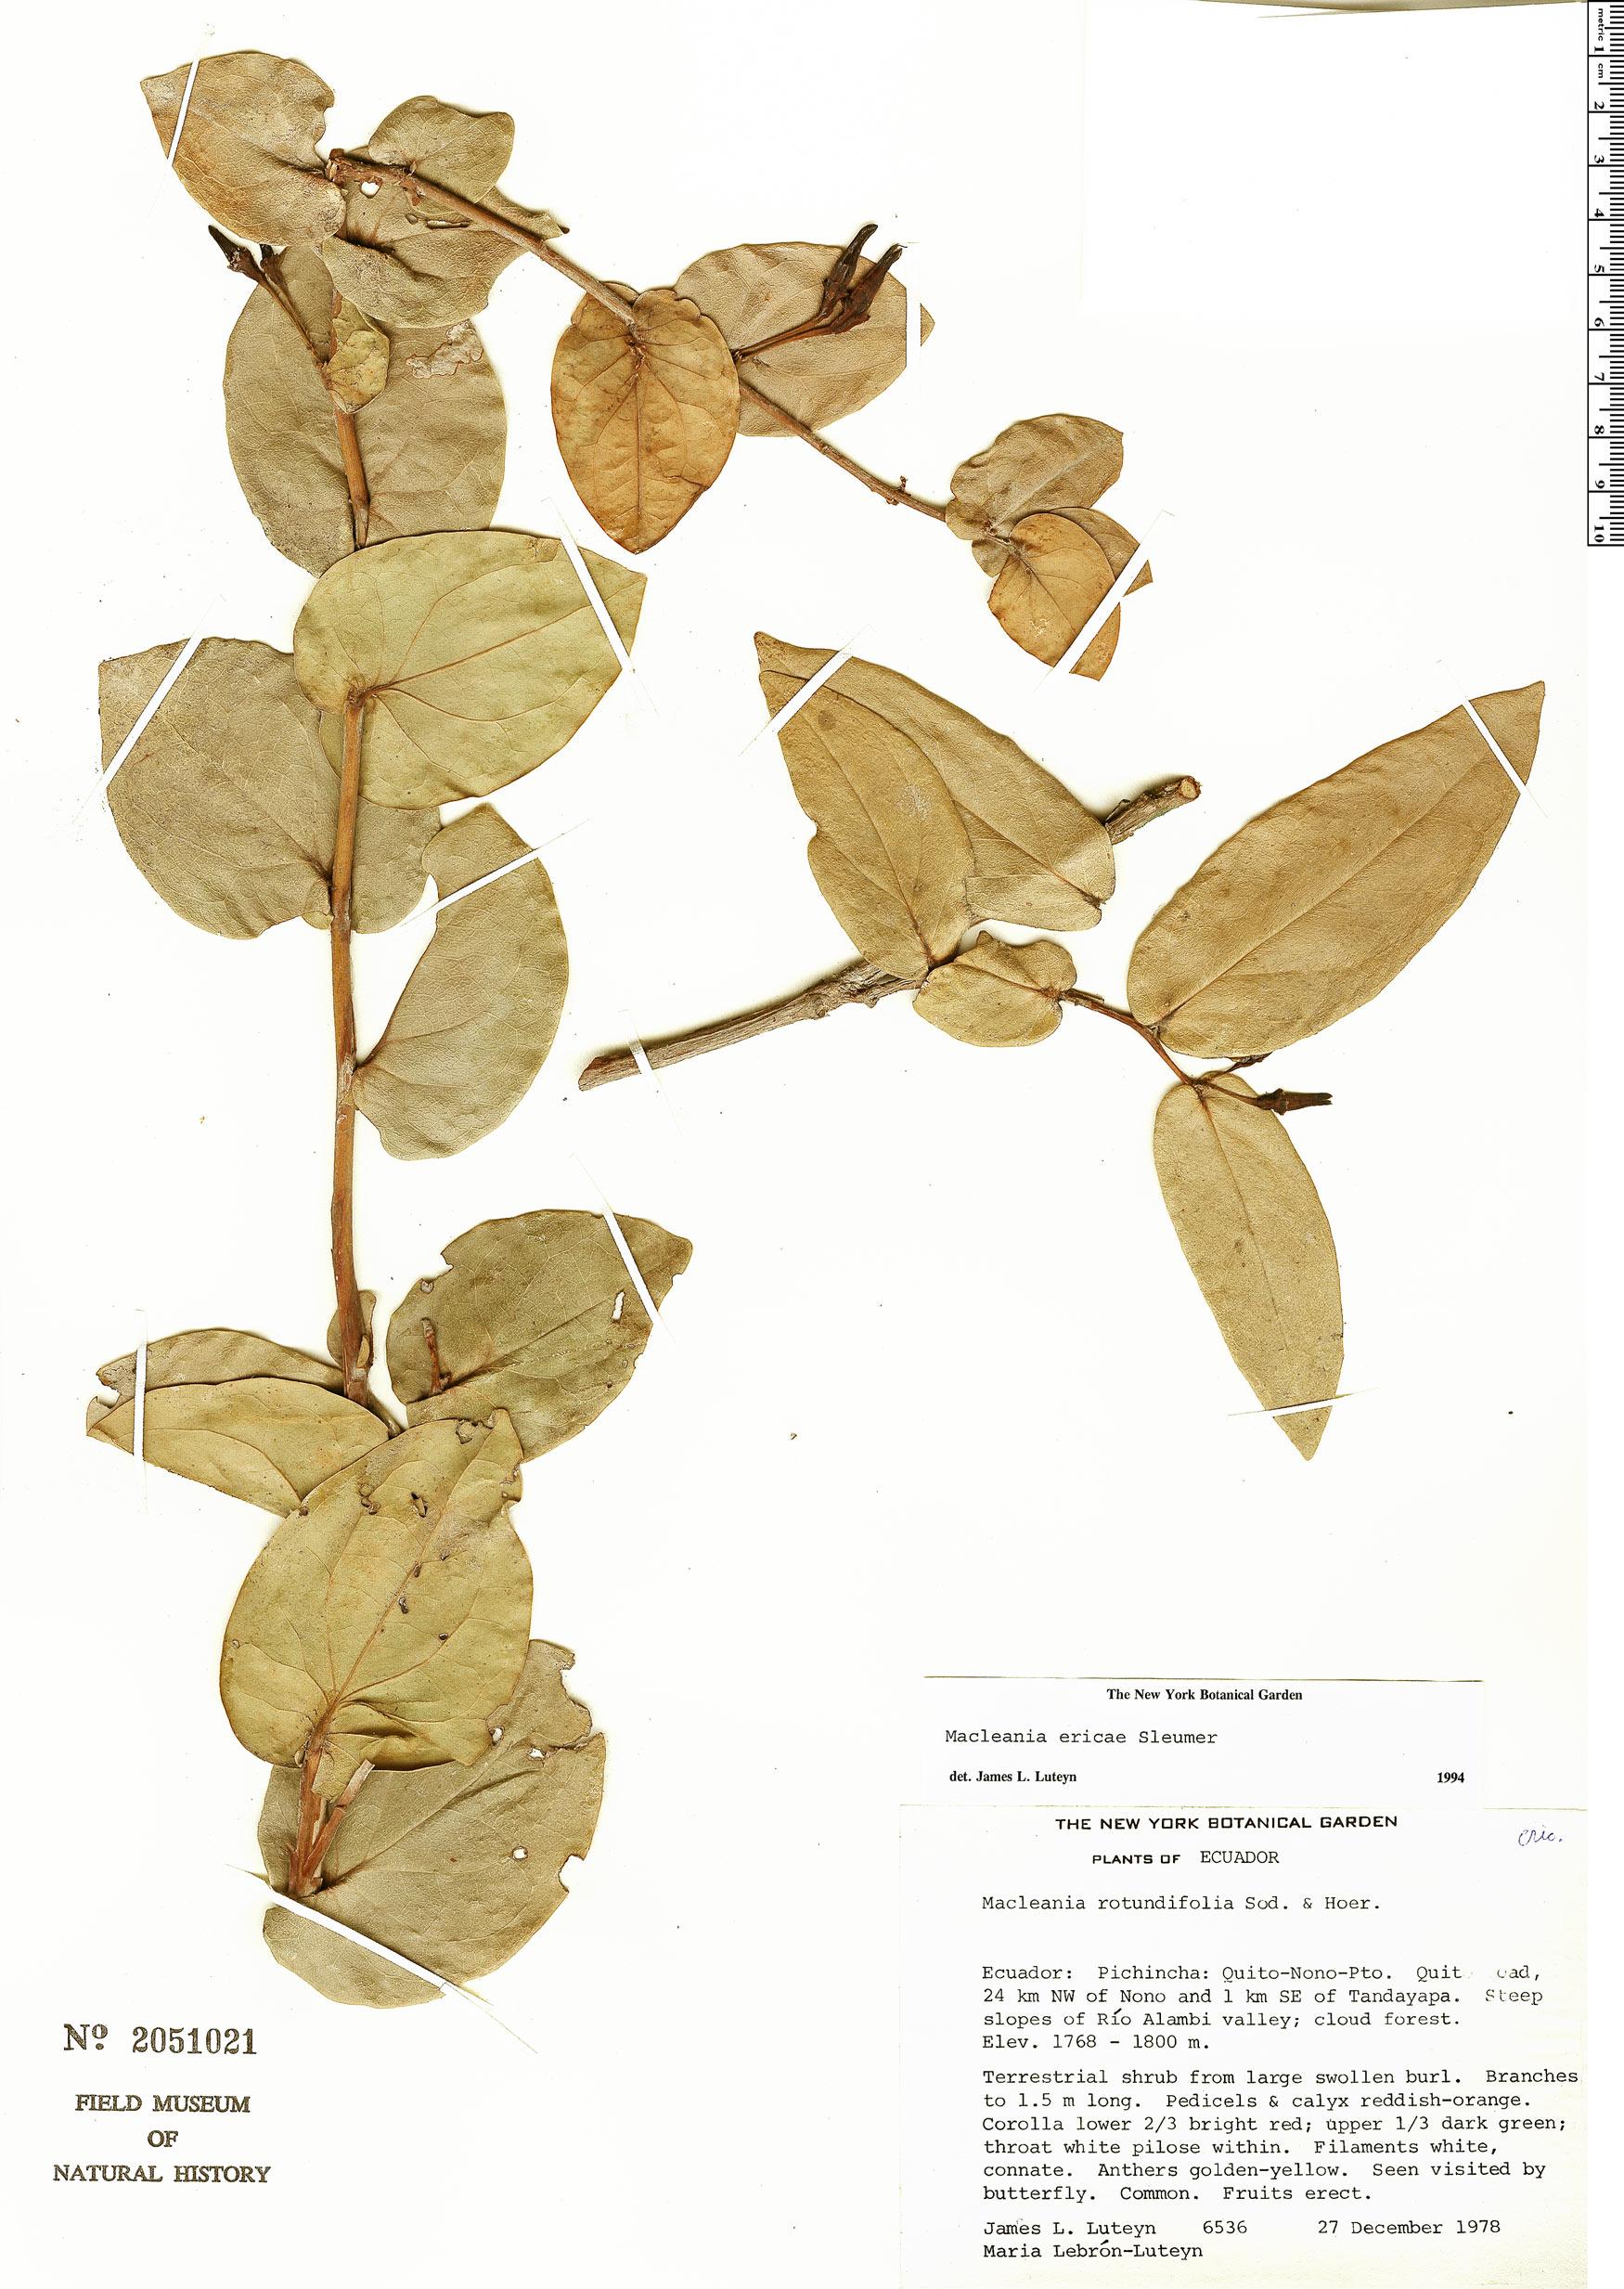 Specimen: Macleania ericae